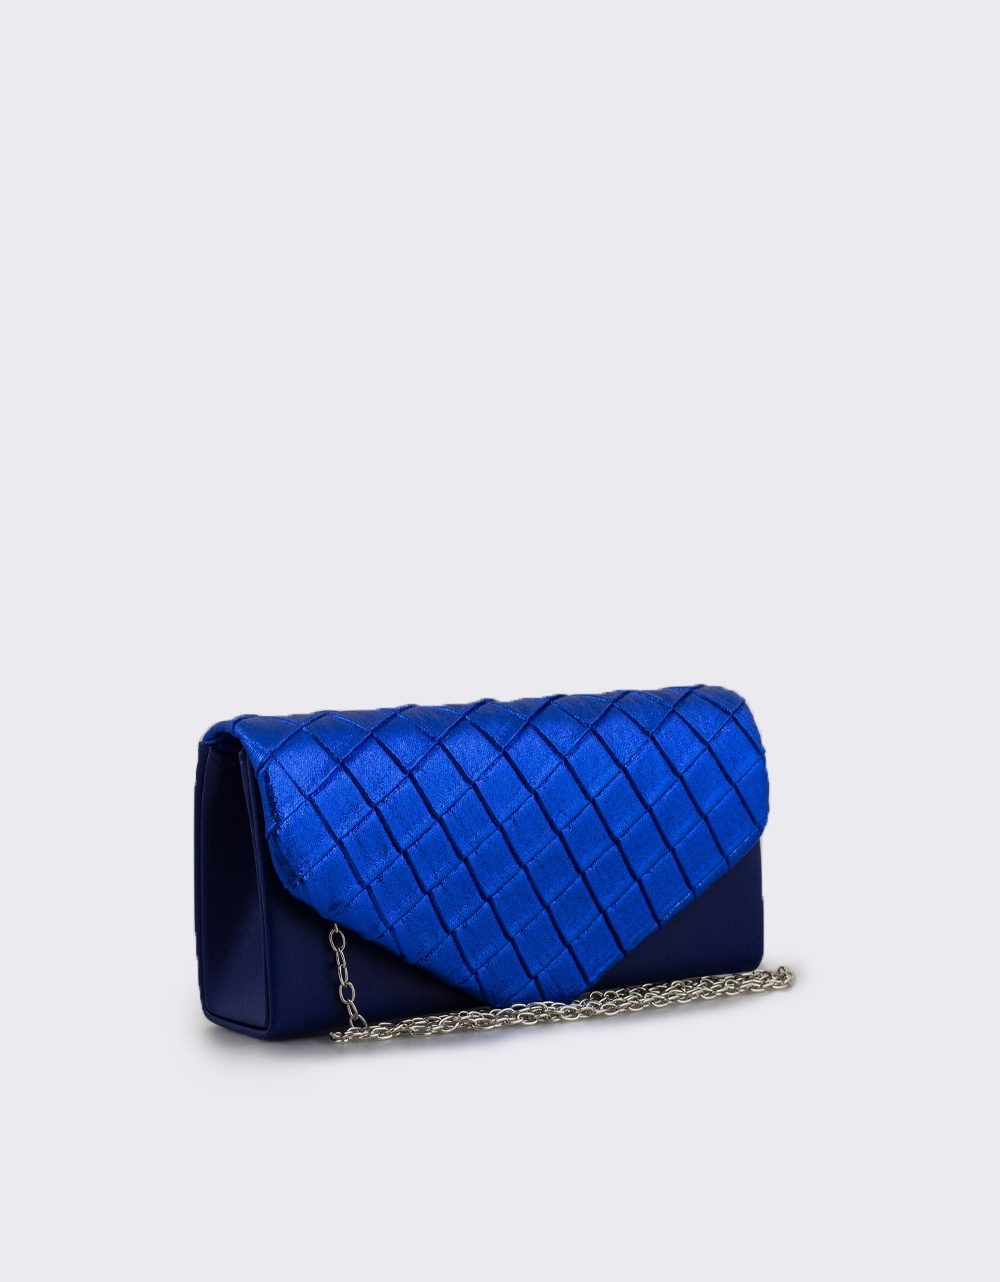 Εικόνα από Γυναικείοι φάκελοι με μεταλλιζέ λεπτομέρεια Μπλε